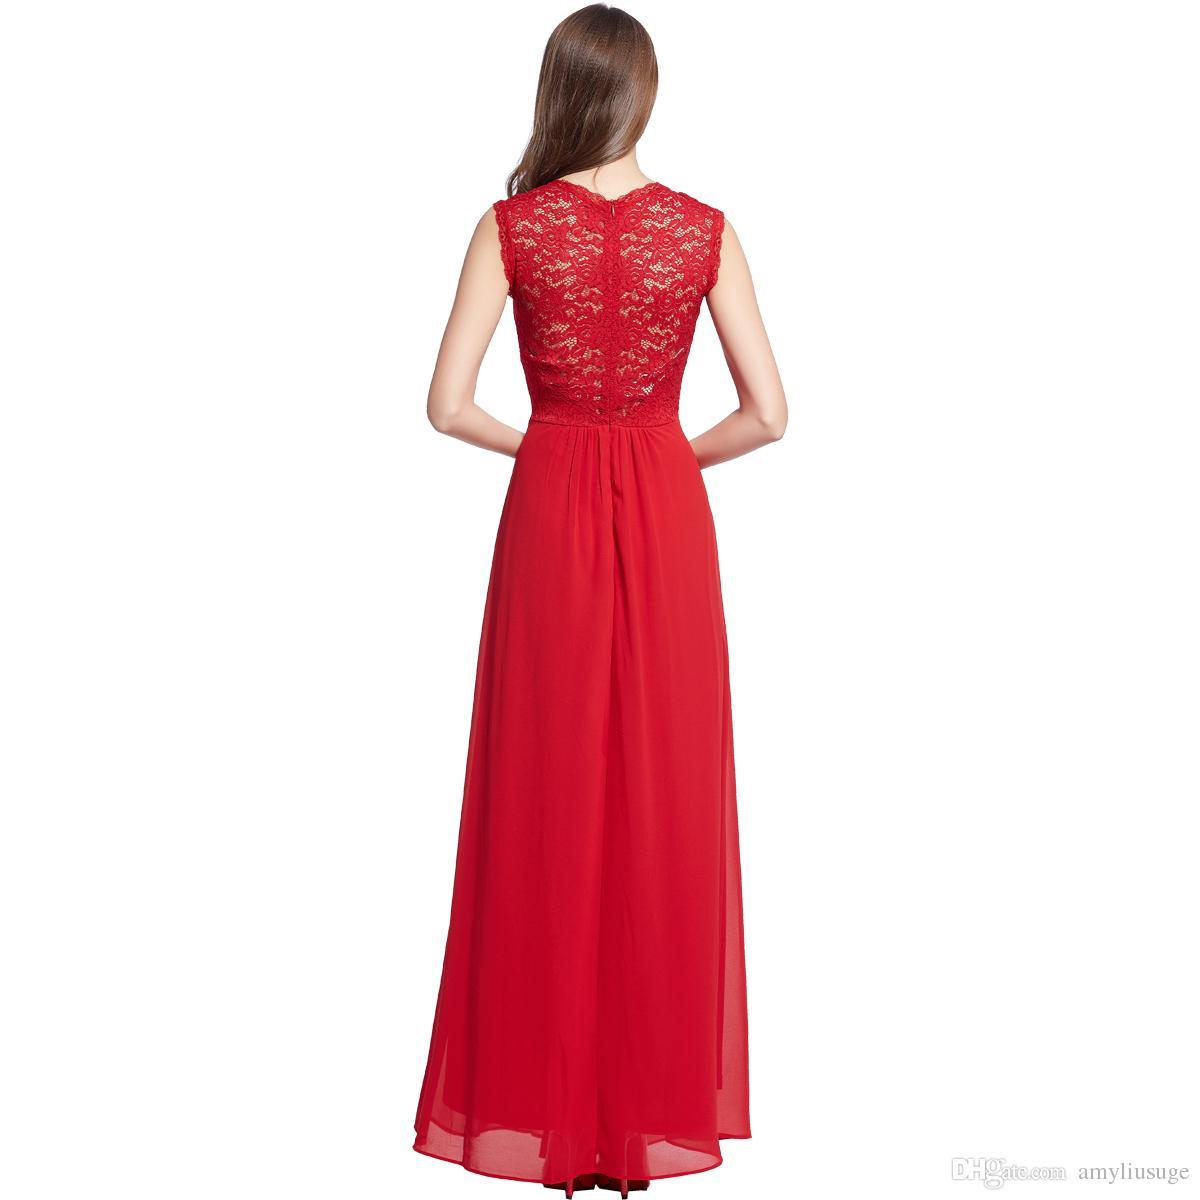 Ballkleid-Abschlussball-Maxi lange Chiffon- Abend-formales Partei-Hochzeits-Brautjunfer-Kleid-Cocktail-Partykleid 3193 der freien Verschiffenfrauen